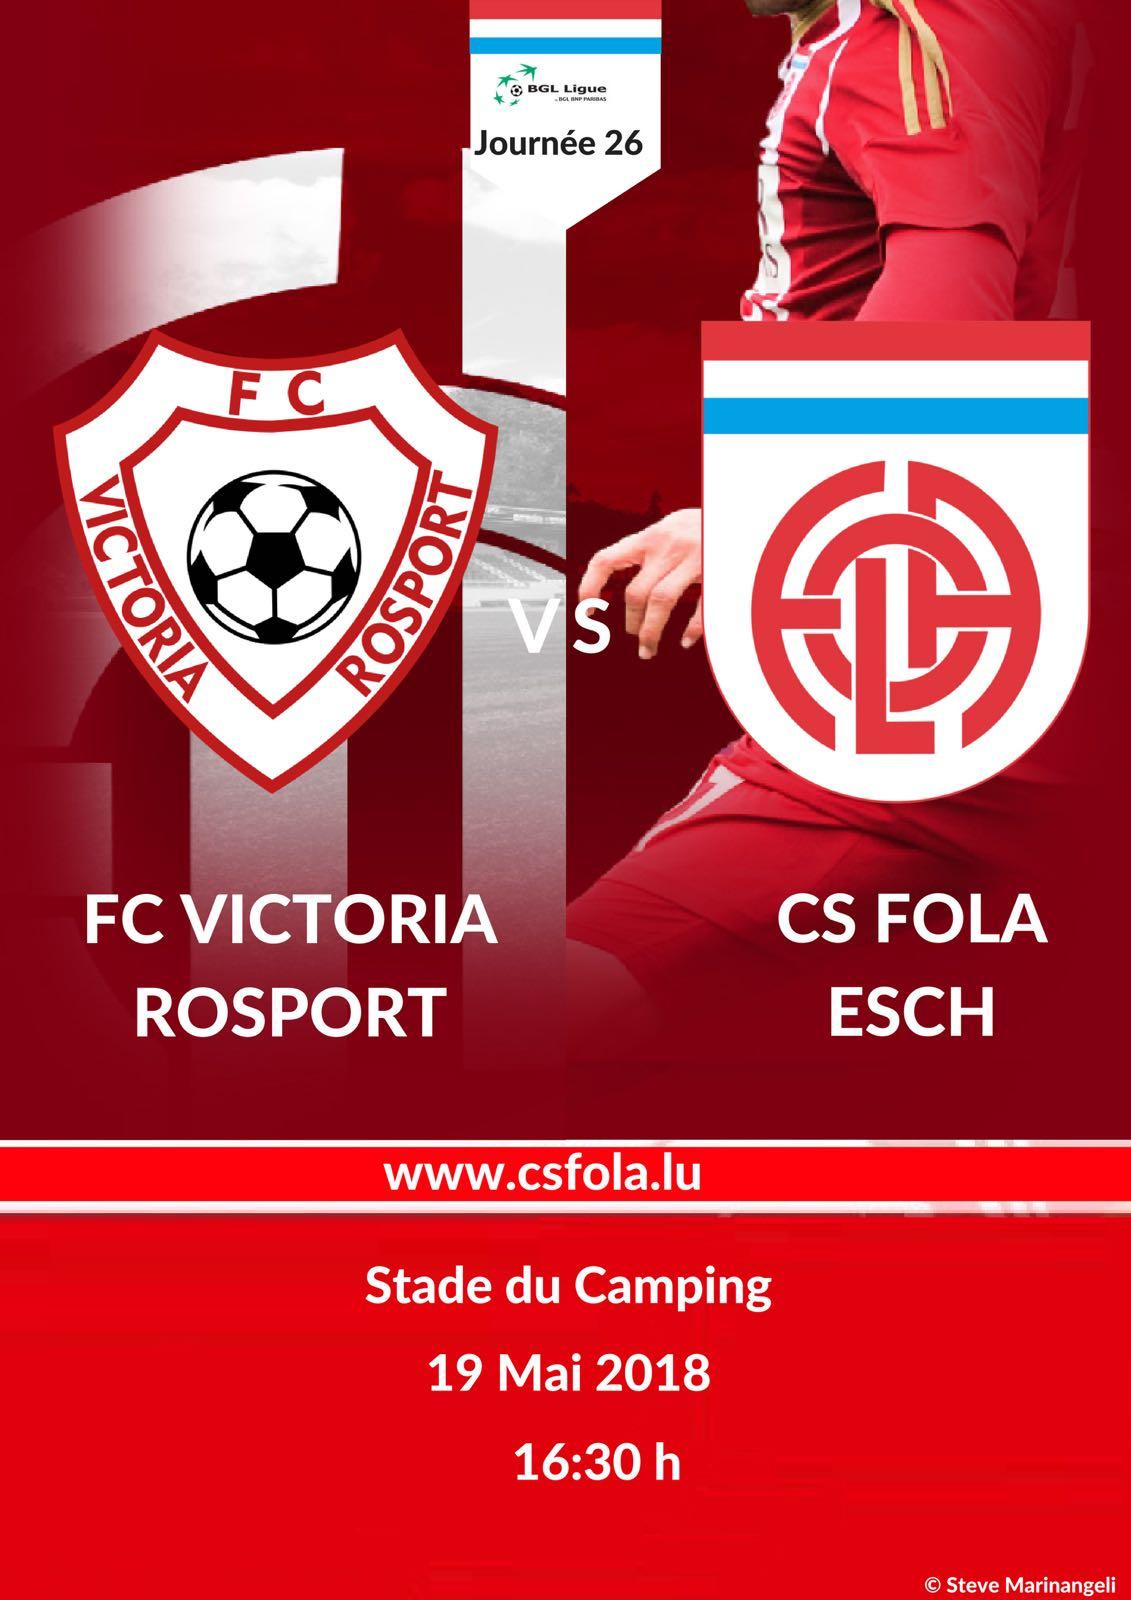 FC Victoria Rosport vs CS Fola